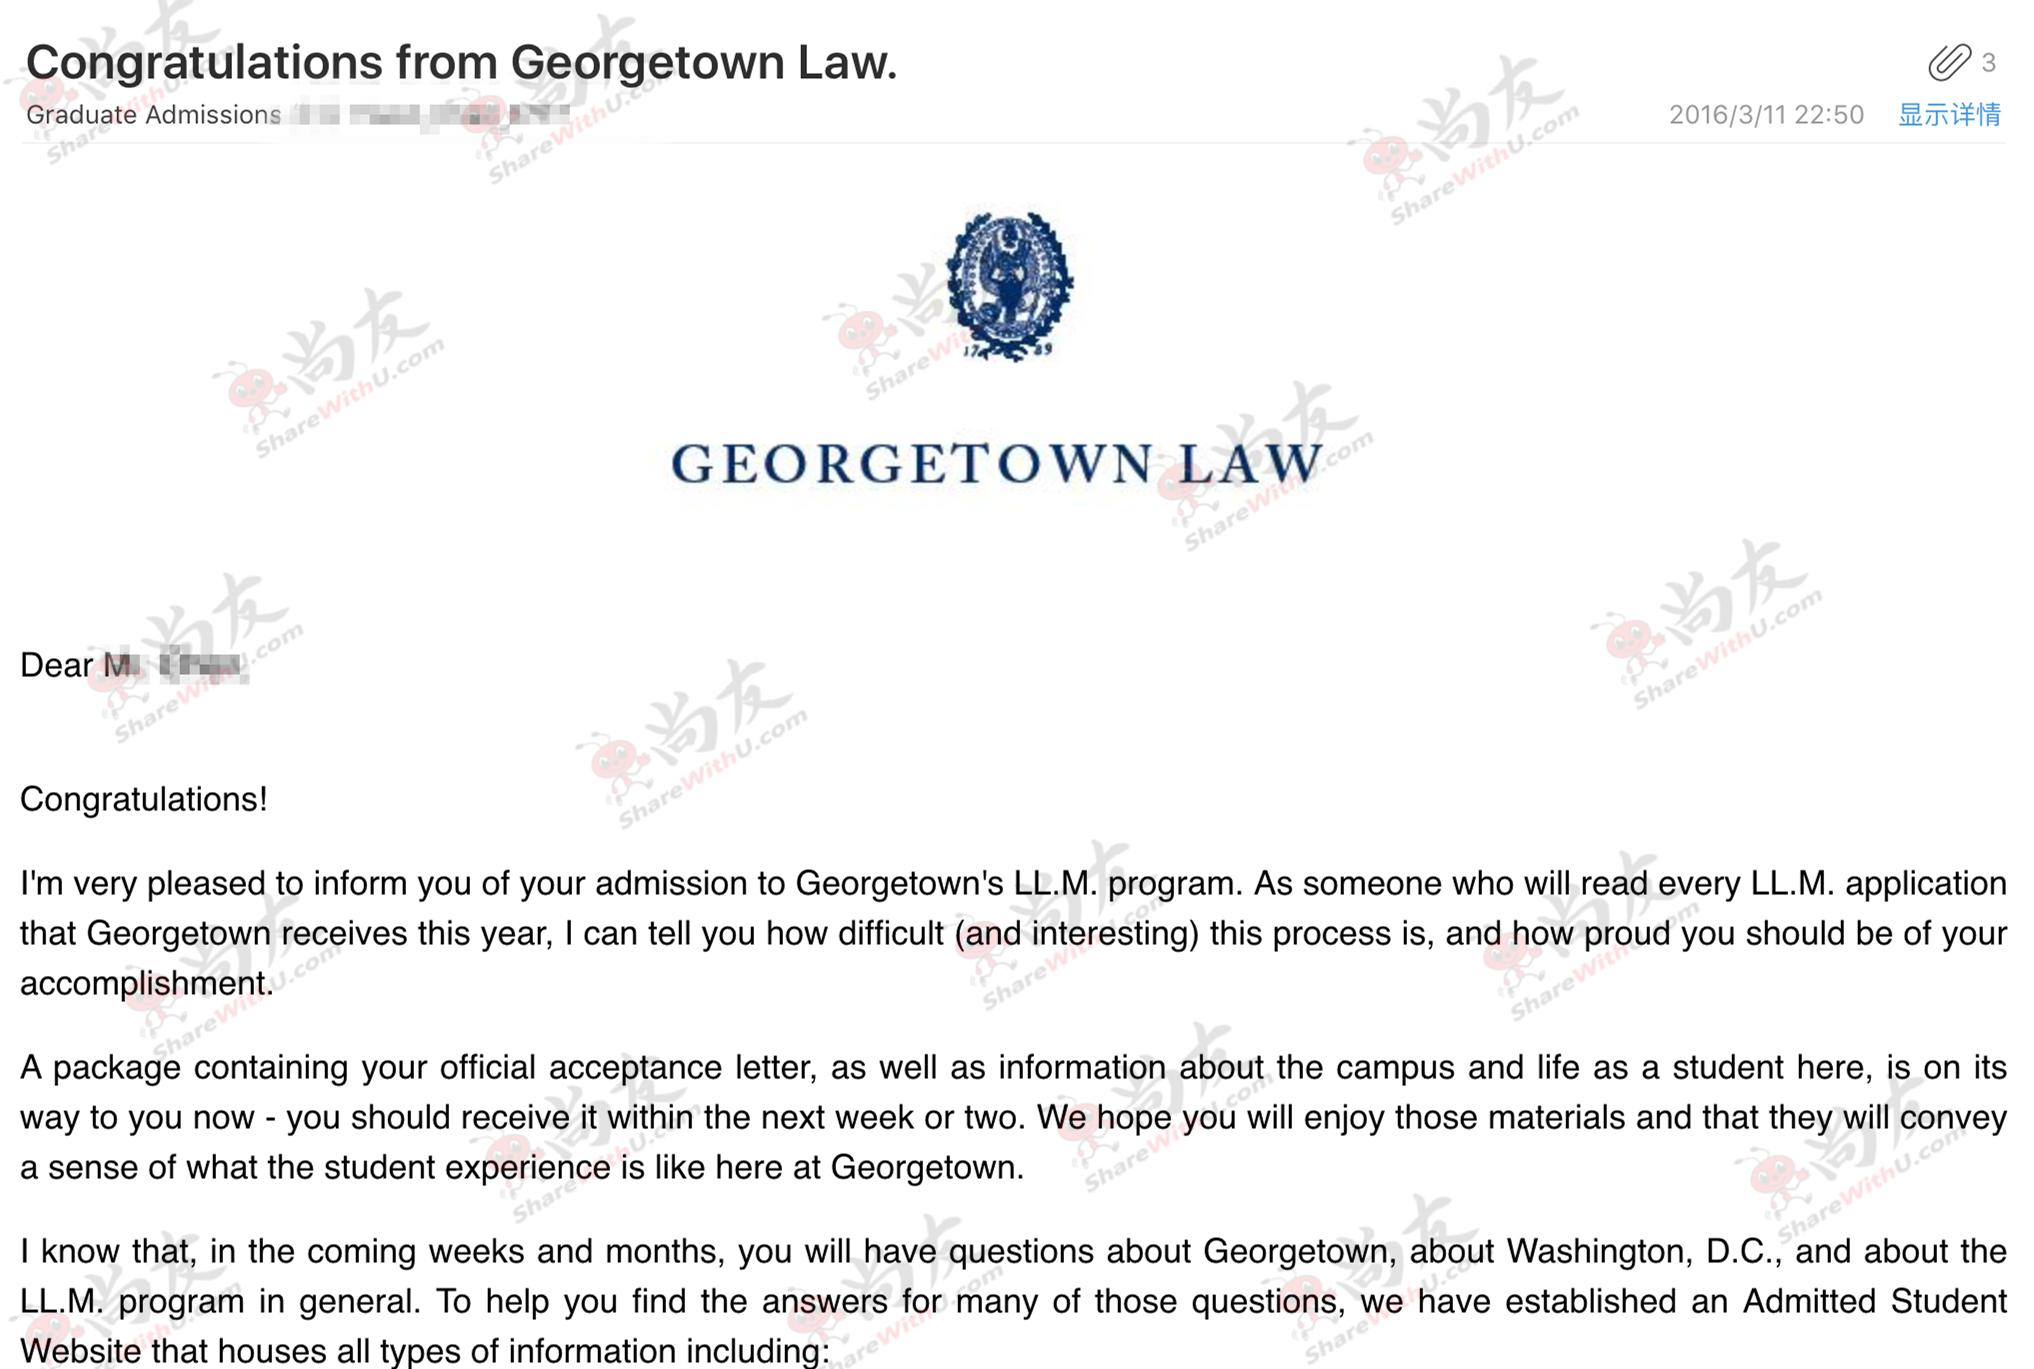 恭喜尚友Chen同学GPA3.3 拿下乔治城大学offer!